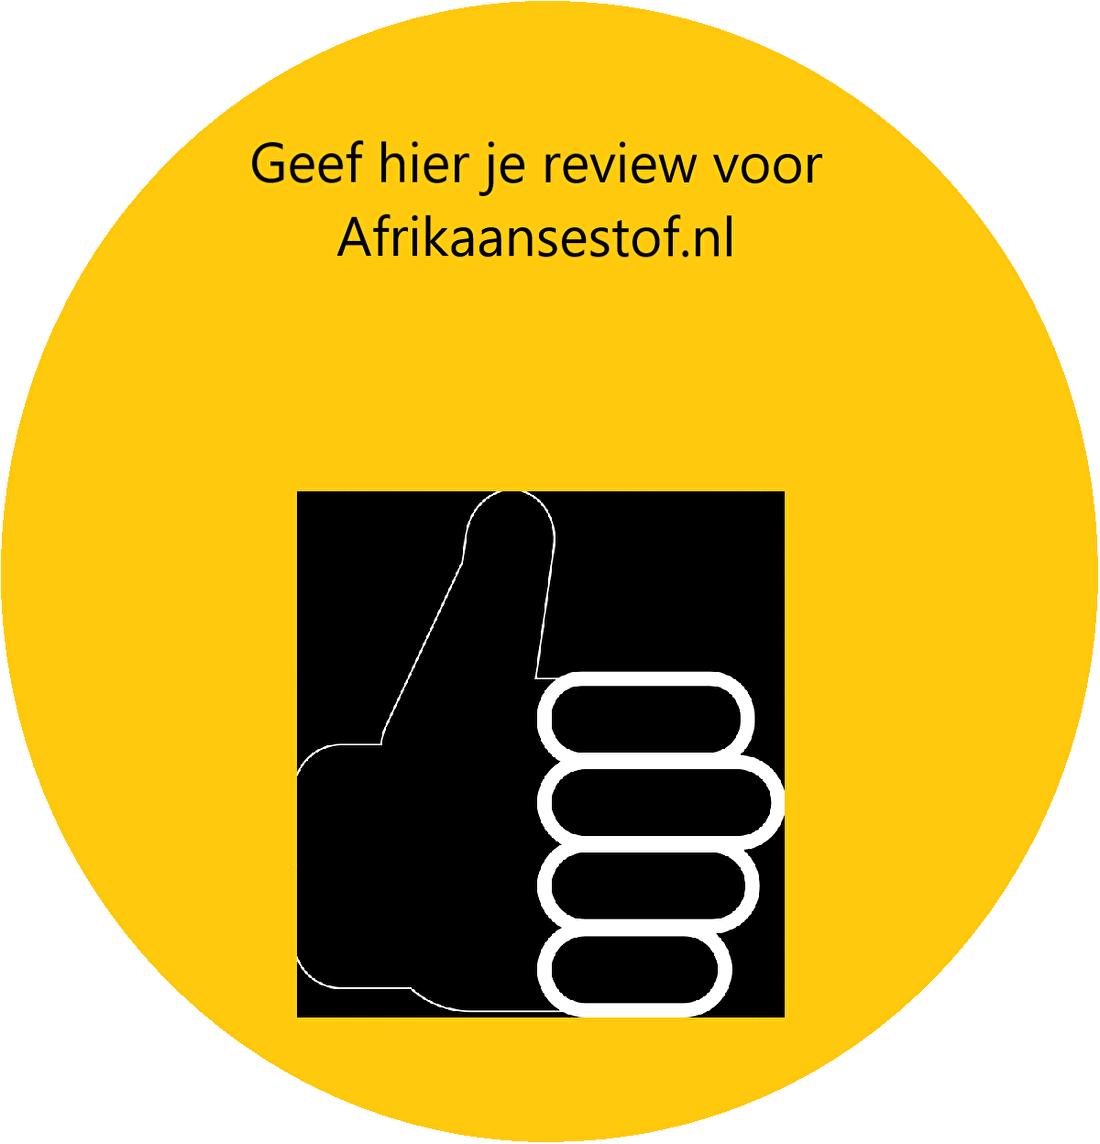 Reviews Afrikaansestof.nl